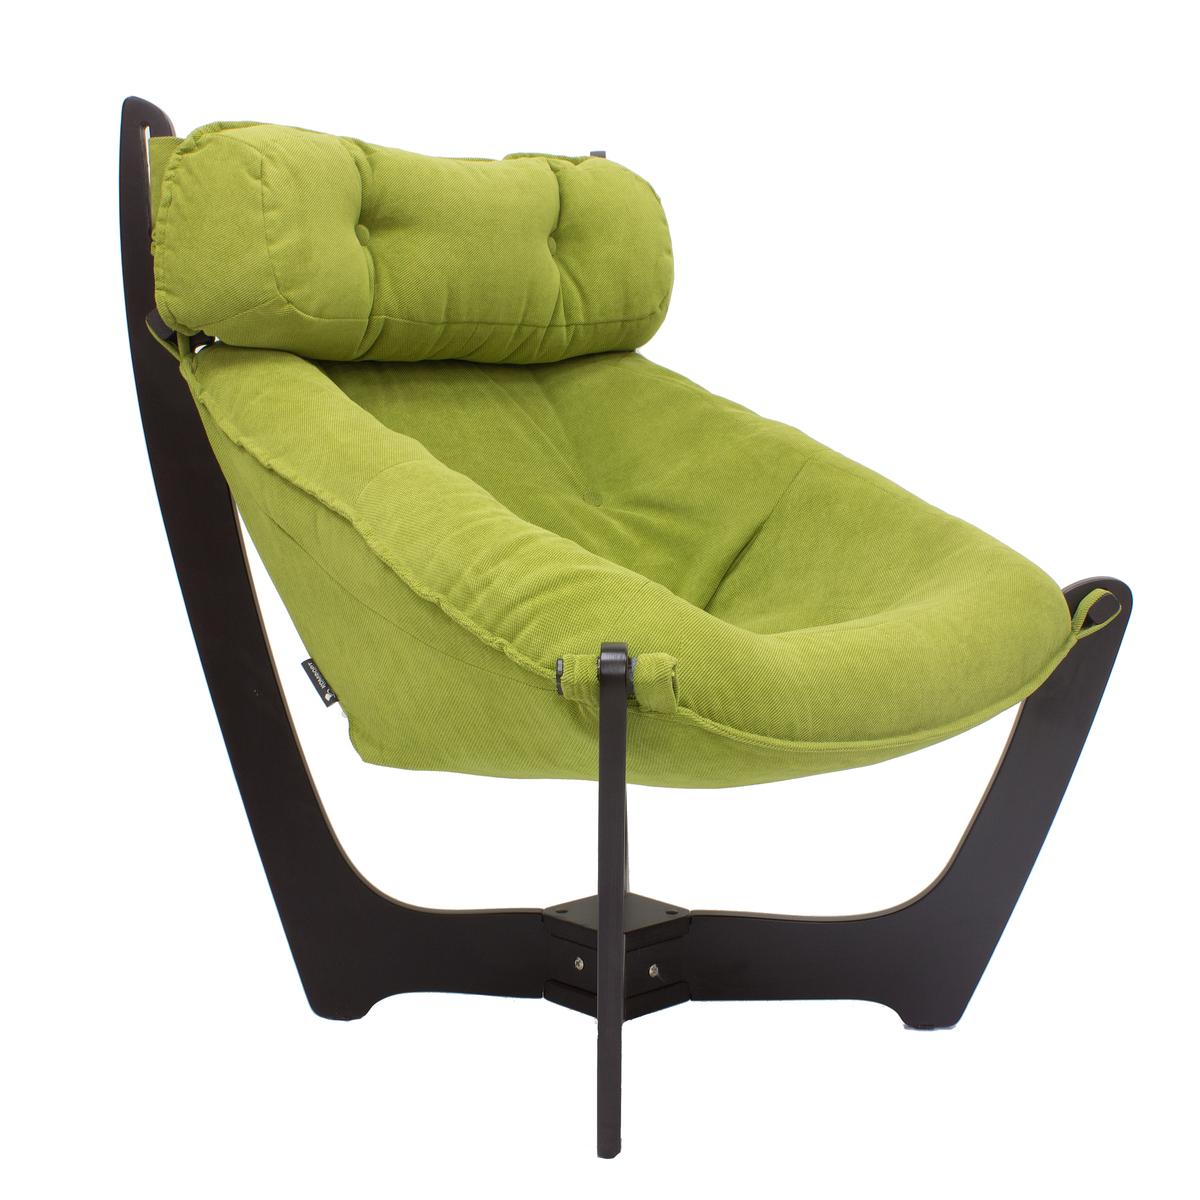 Кресло для отдыха, модель 11 IMP0004250 Кресло для отдыха, модель 11 (13672) фото